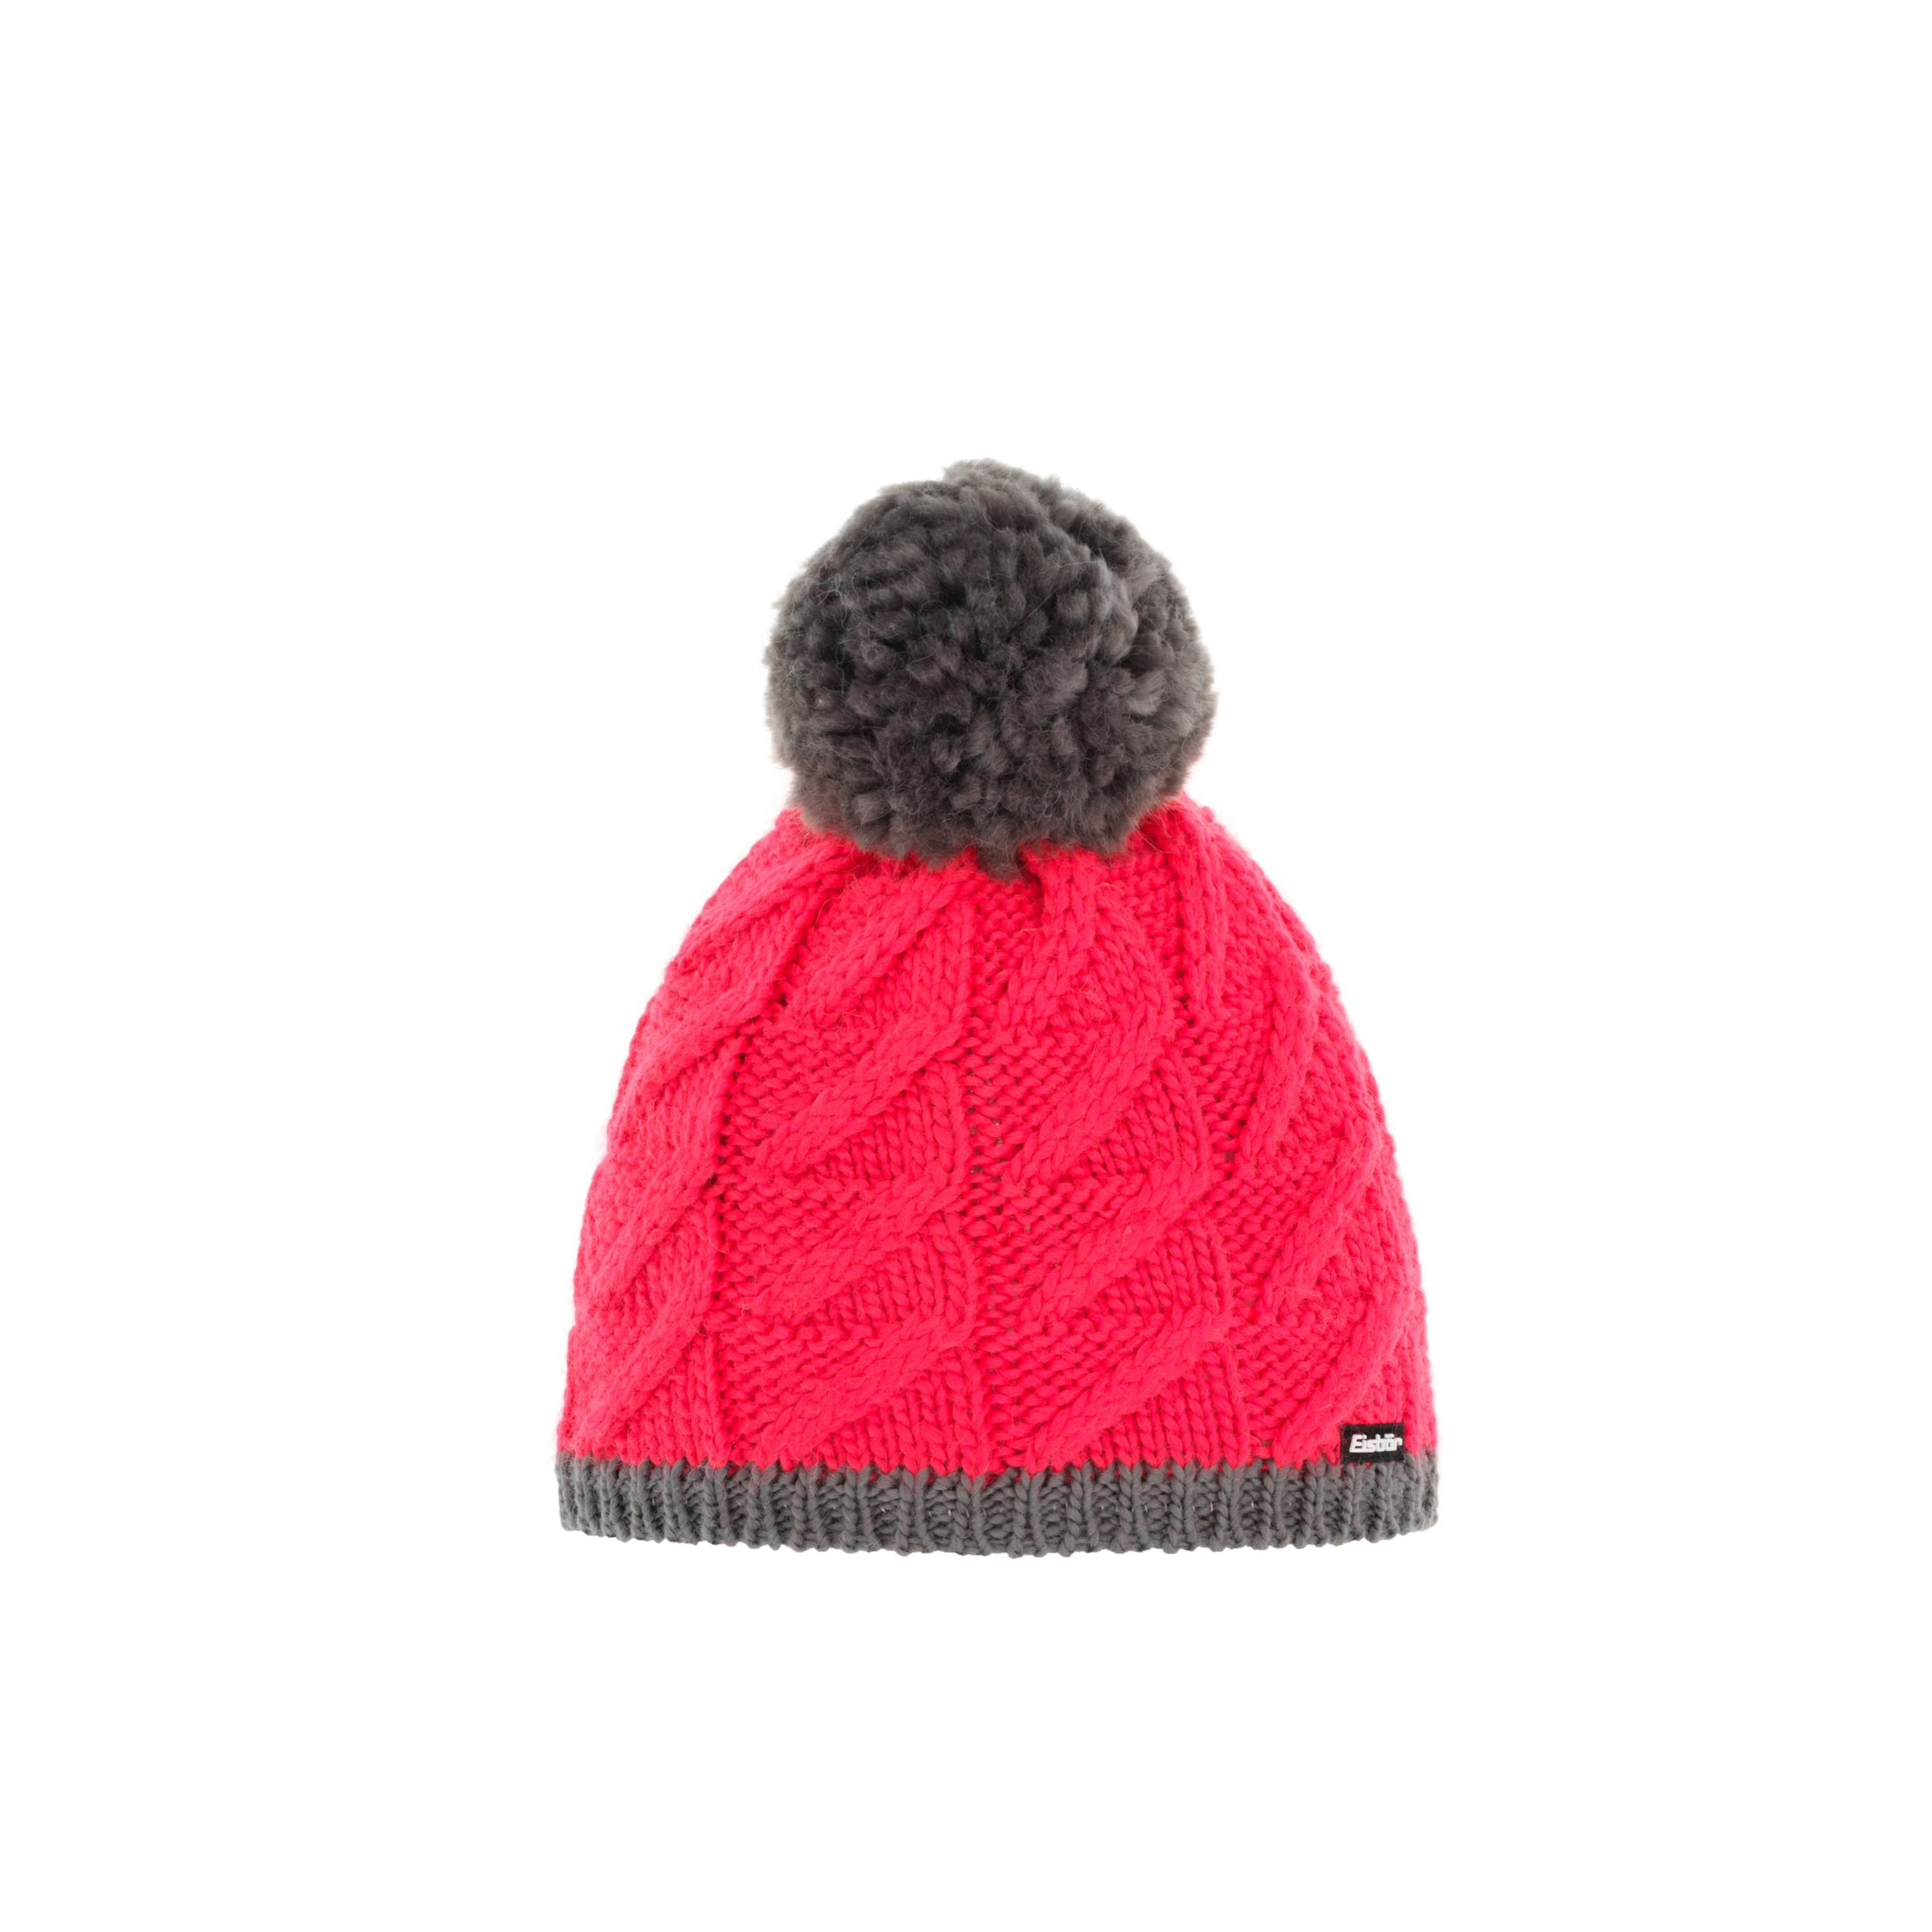 Eisbär Asteria Pompon Mütze - rot